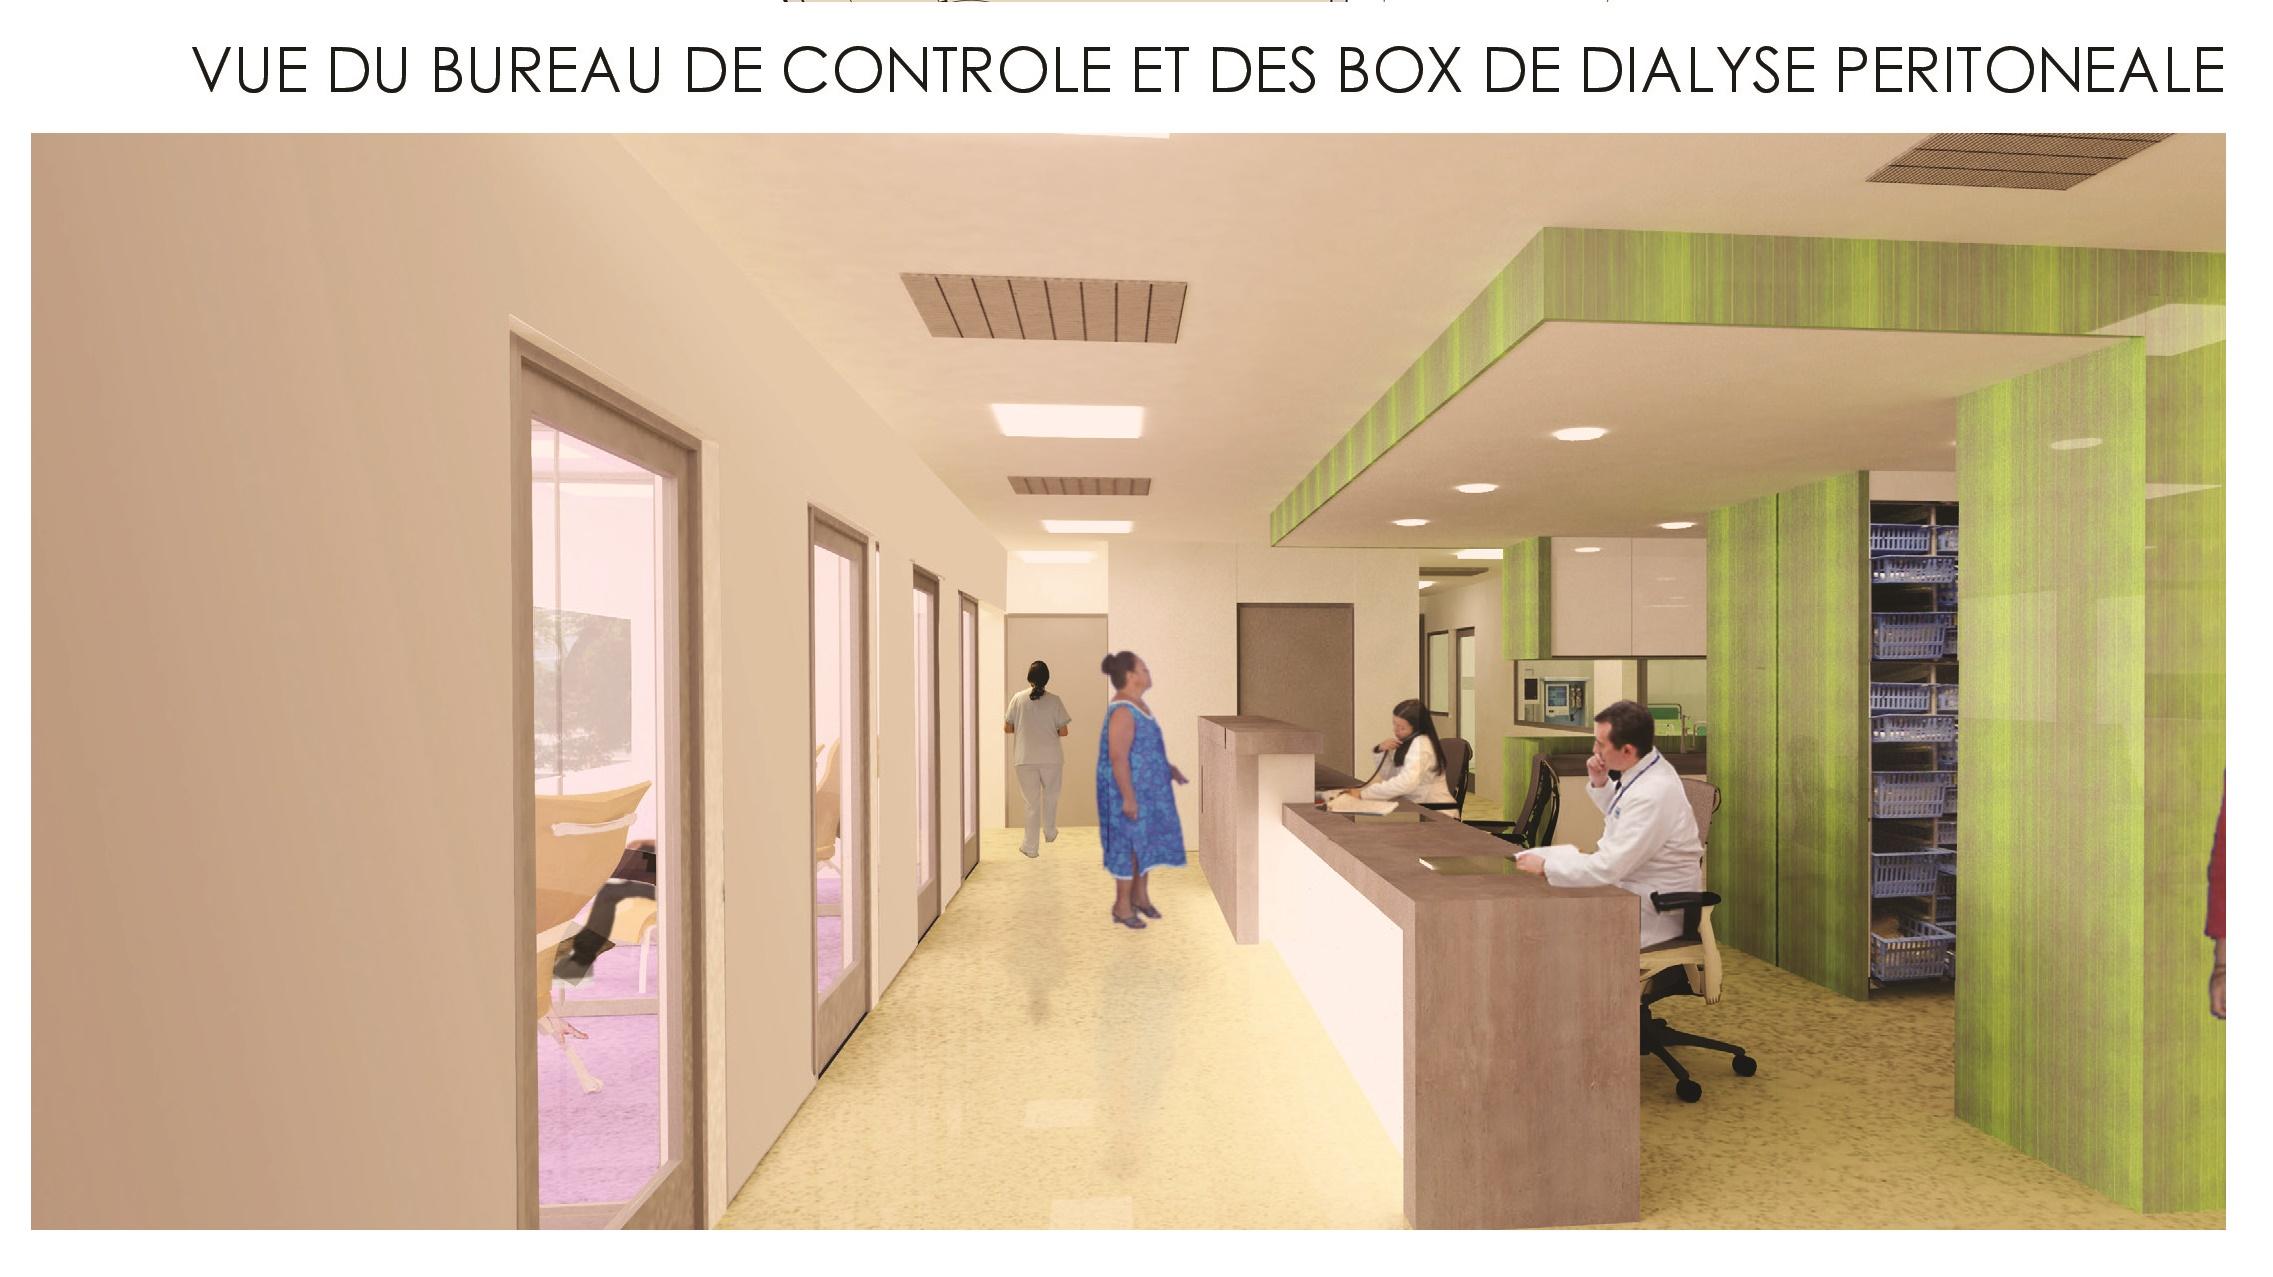 Dialyses : L'APURAD devra fermer ses site du CHPF et de Papara au 1er décembre 2017